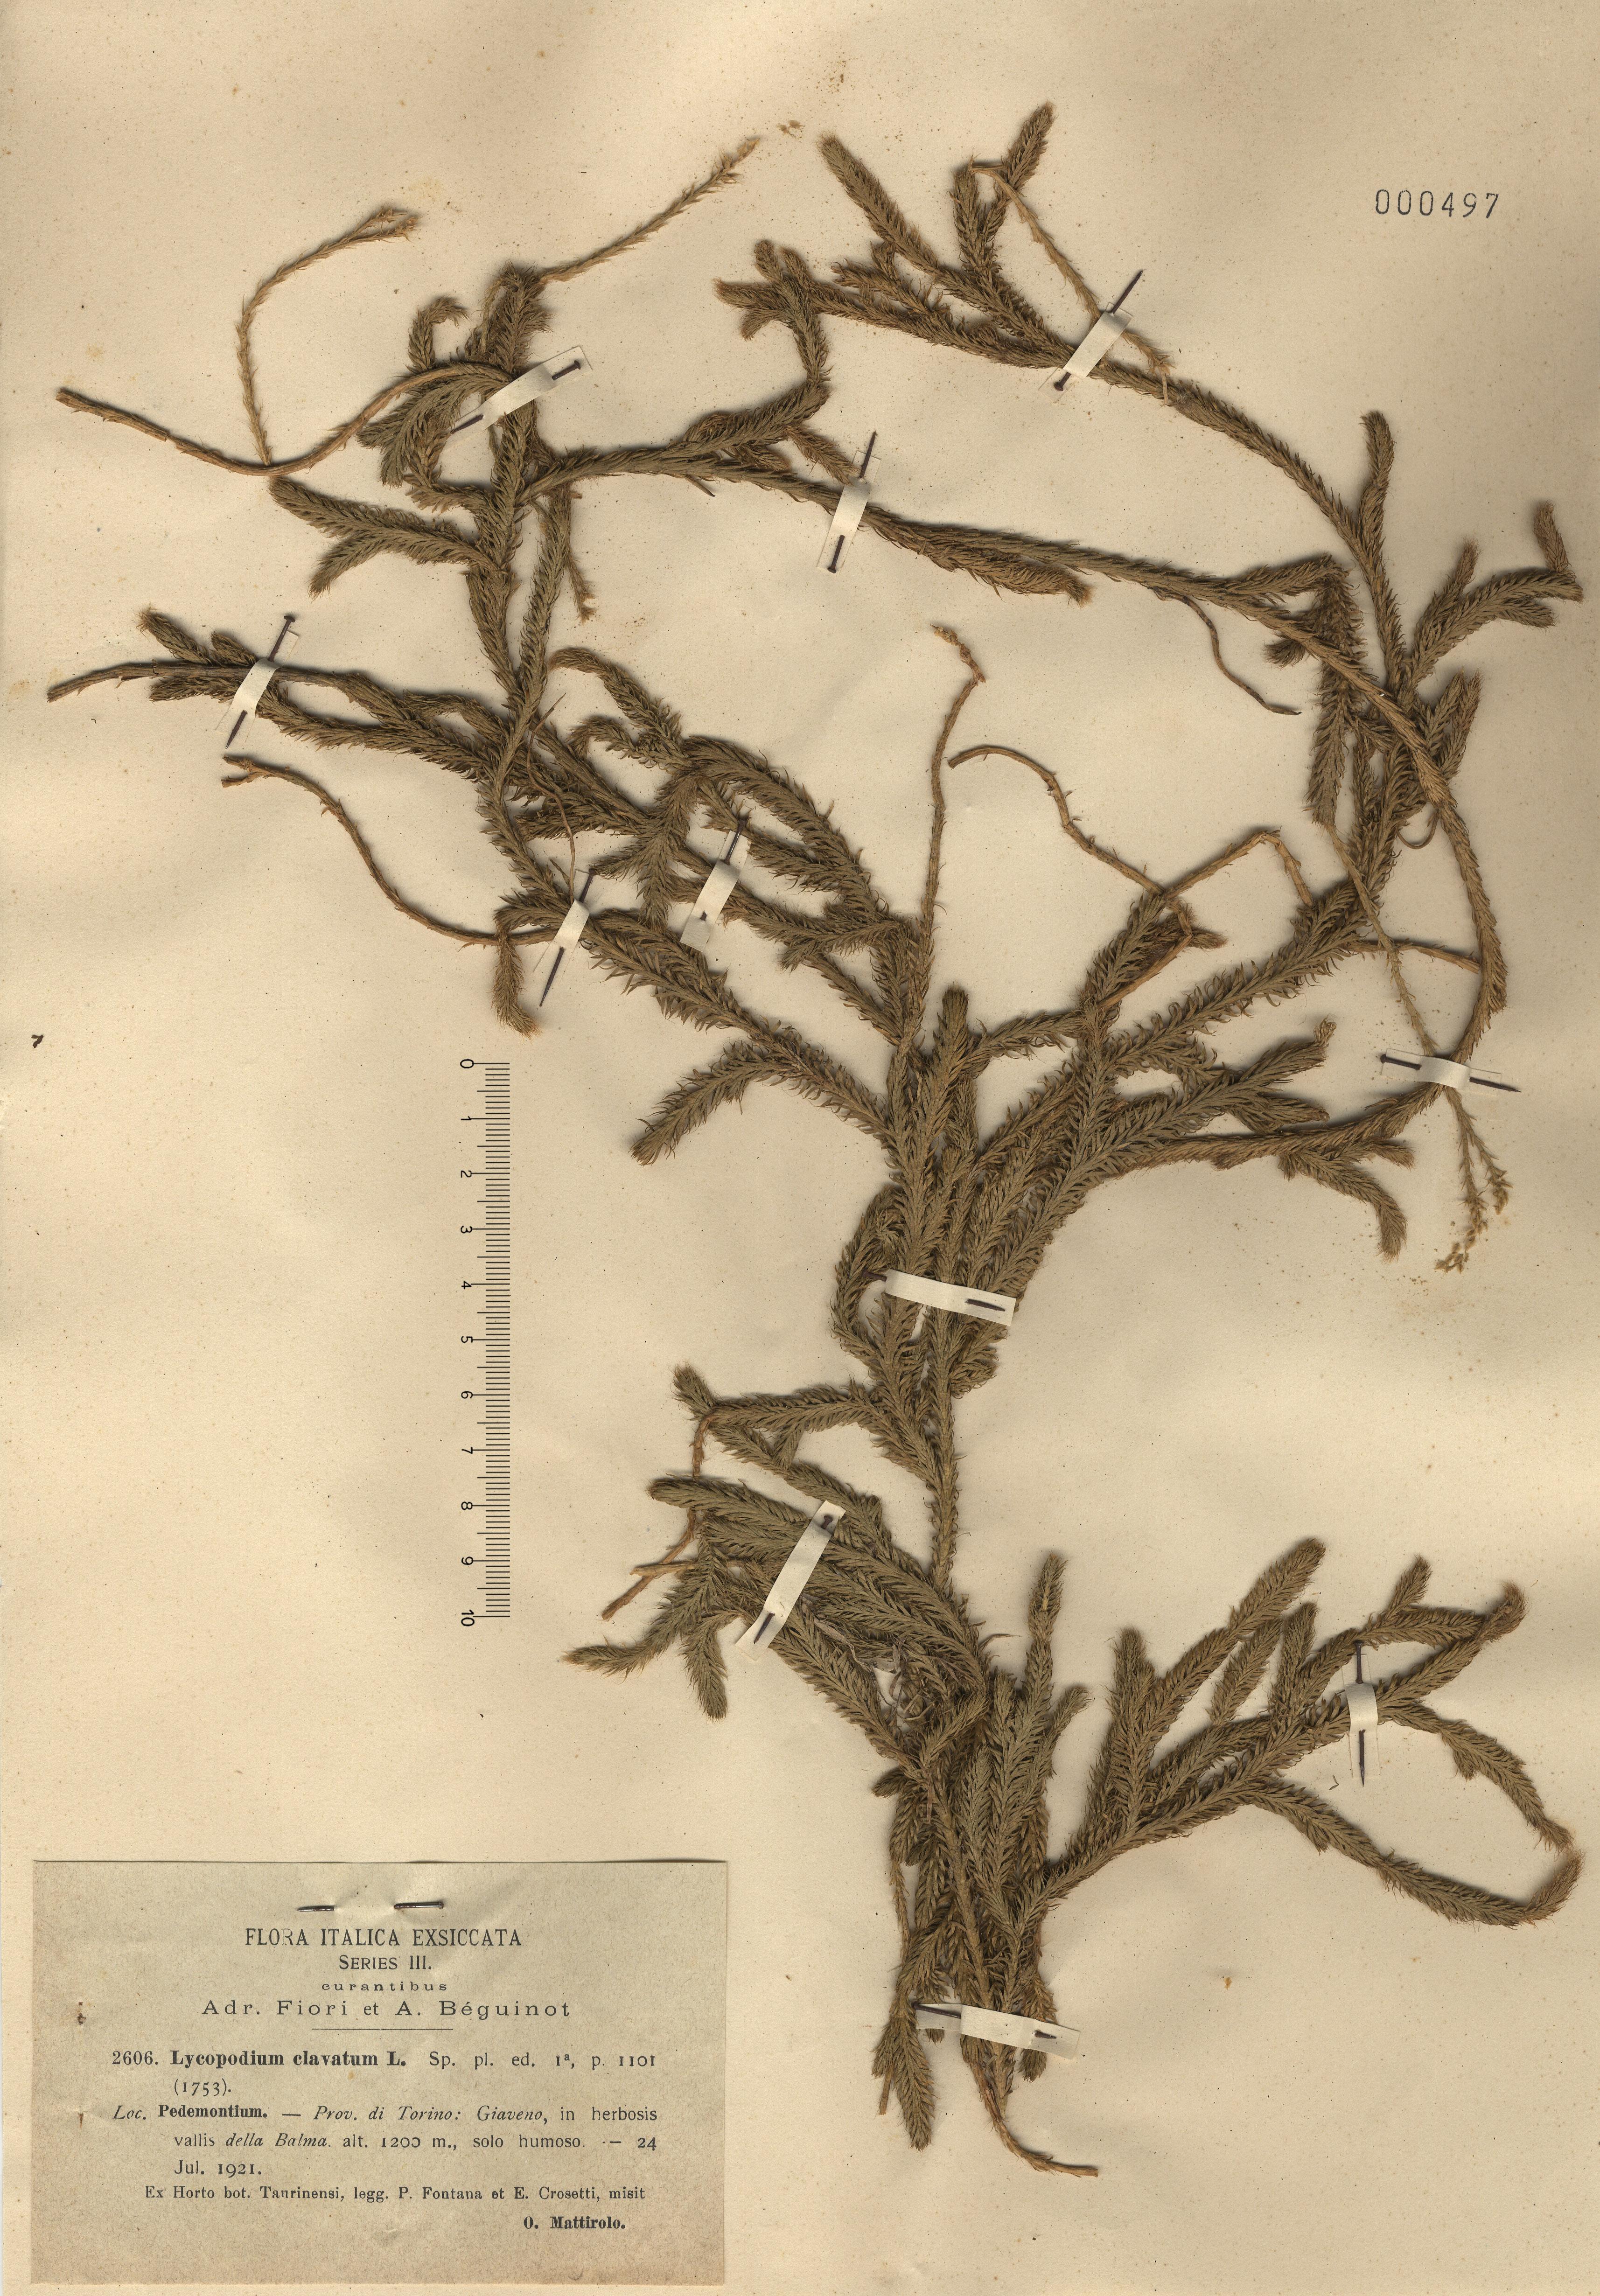 © Hortus Botanicus Catinensis - Herb. sheet 000497<br>